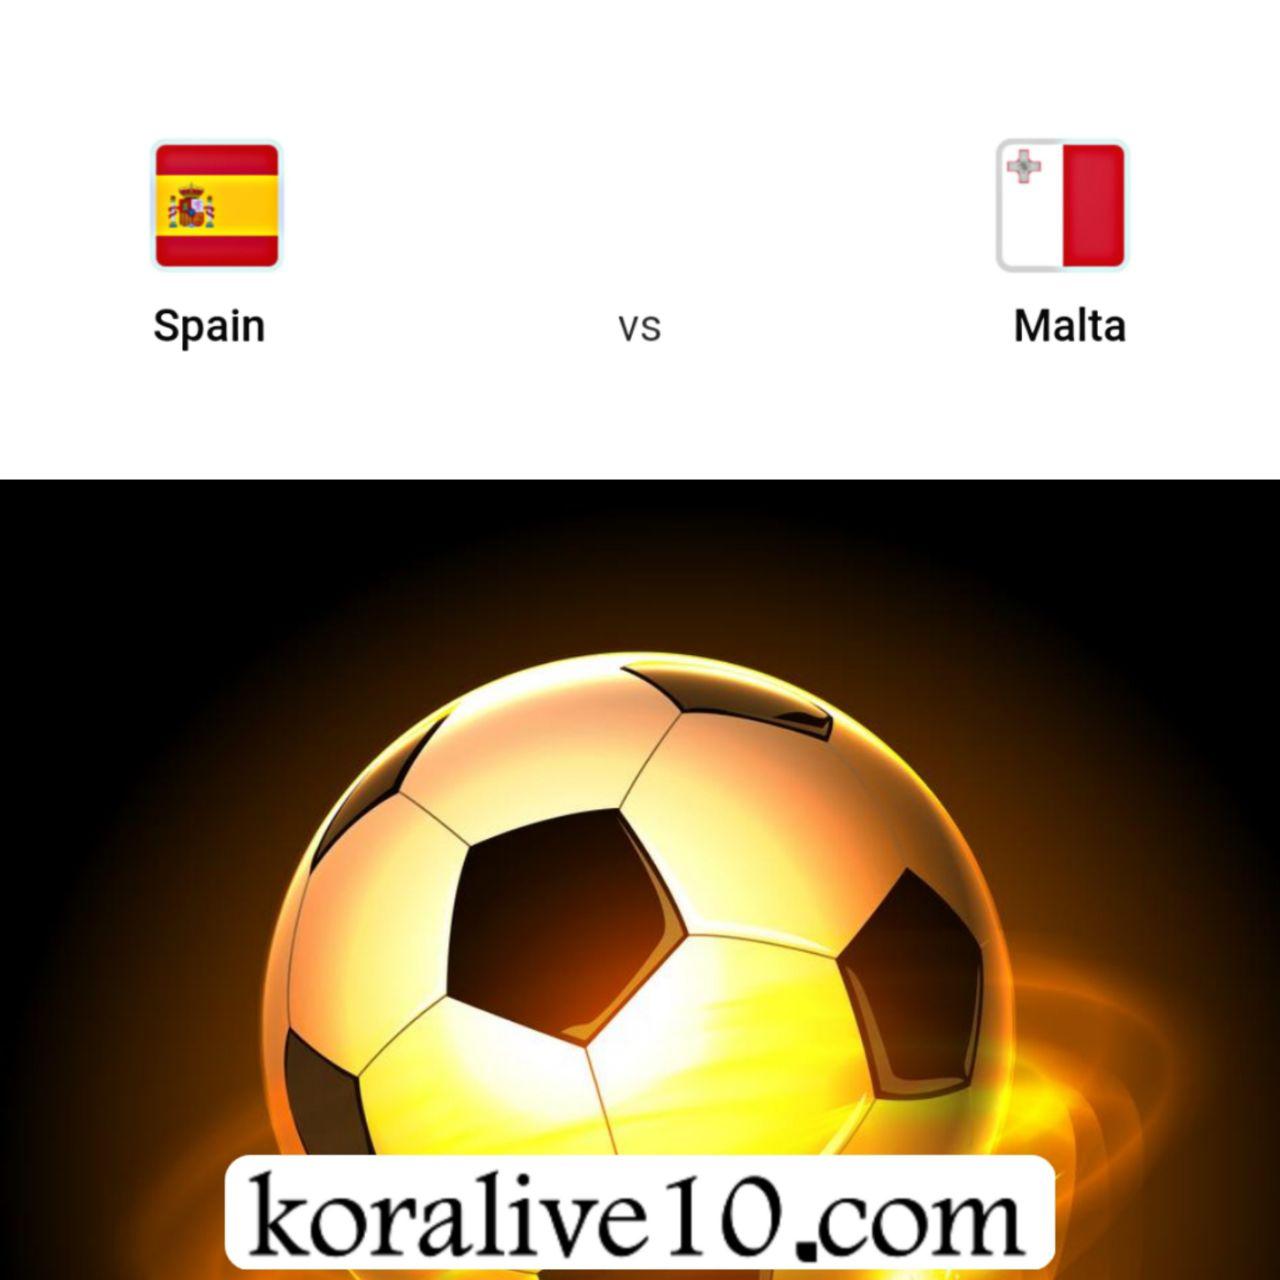 موعد مباراة أسبانيا ومالطة في التصفيات المؤهلة ليورو 2020 | كورة لايف